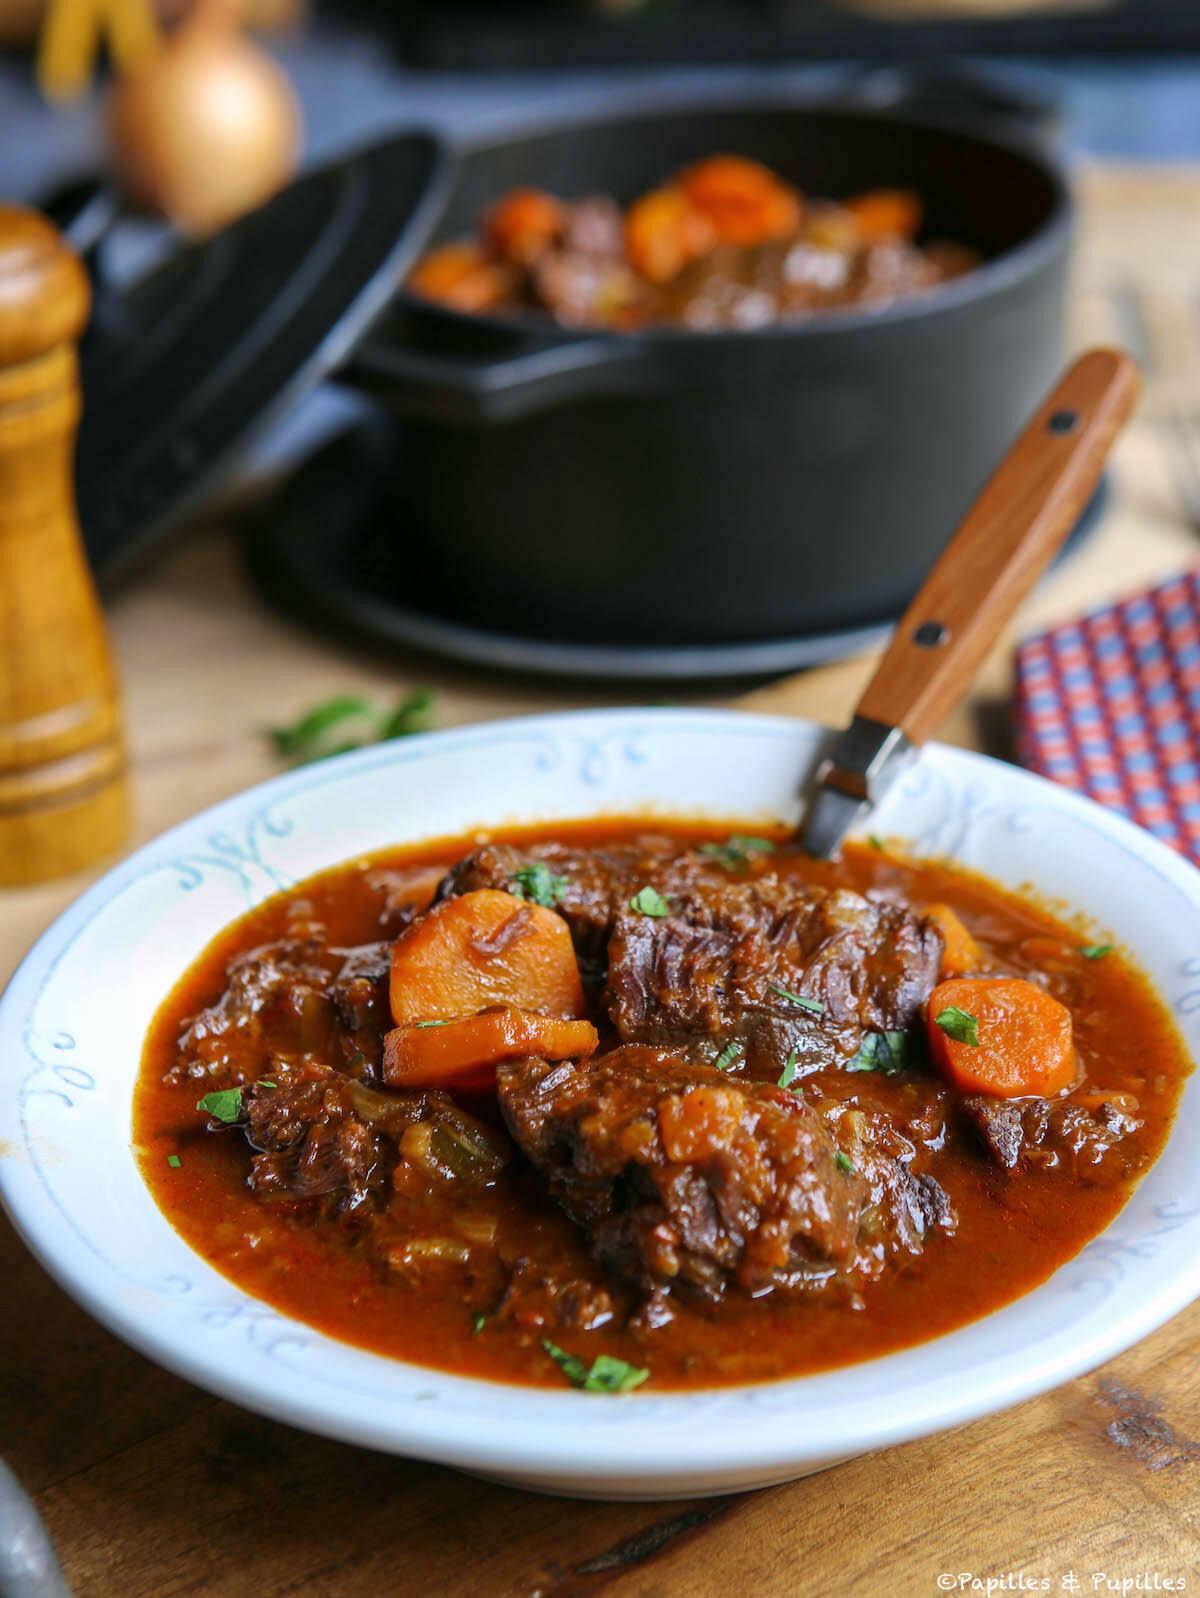 Joues de boeuf aux quatre épices, rhum et sauce barbecue